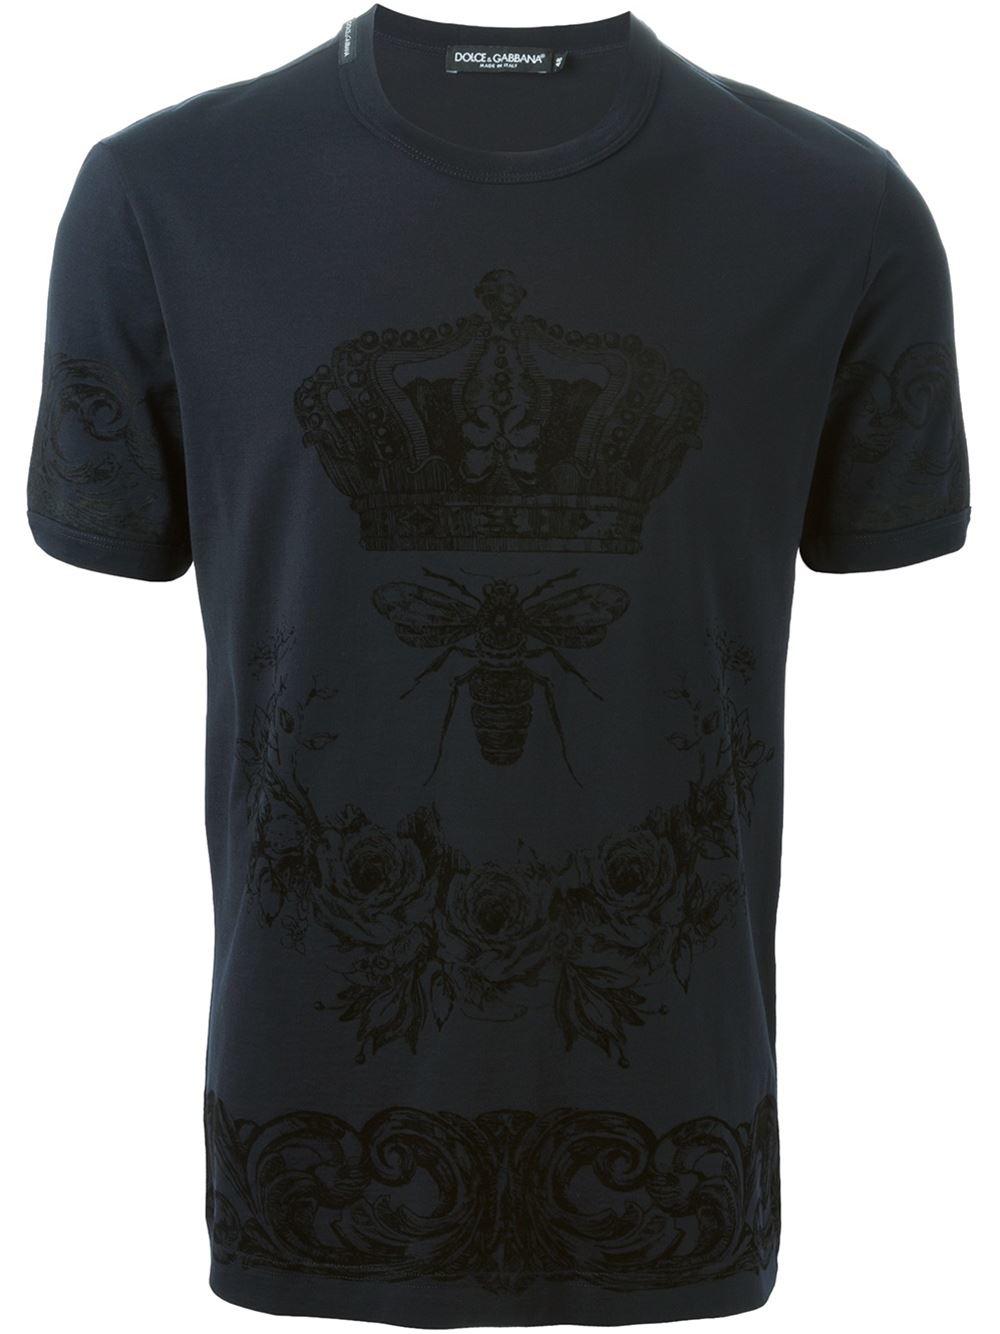 dolce gabbana crown bee print t shirt in black for men. Black Bedroom Furniture Sets. Home Design Ideas